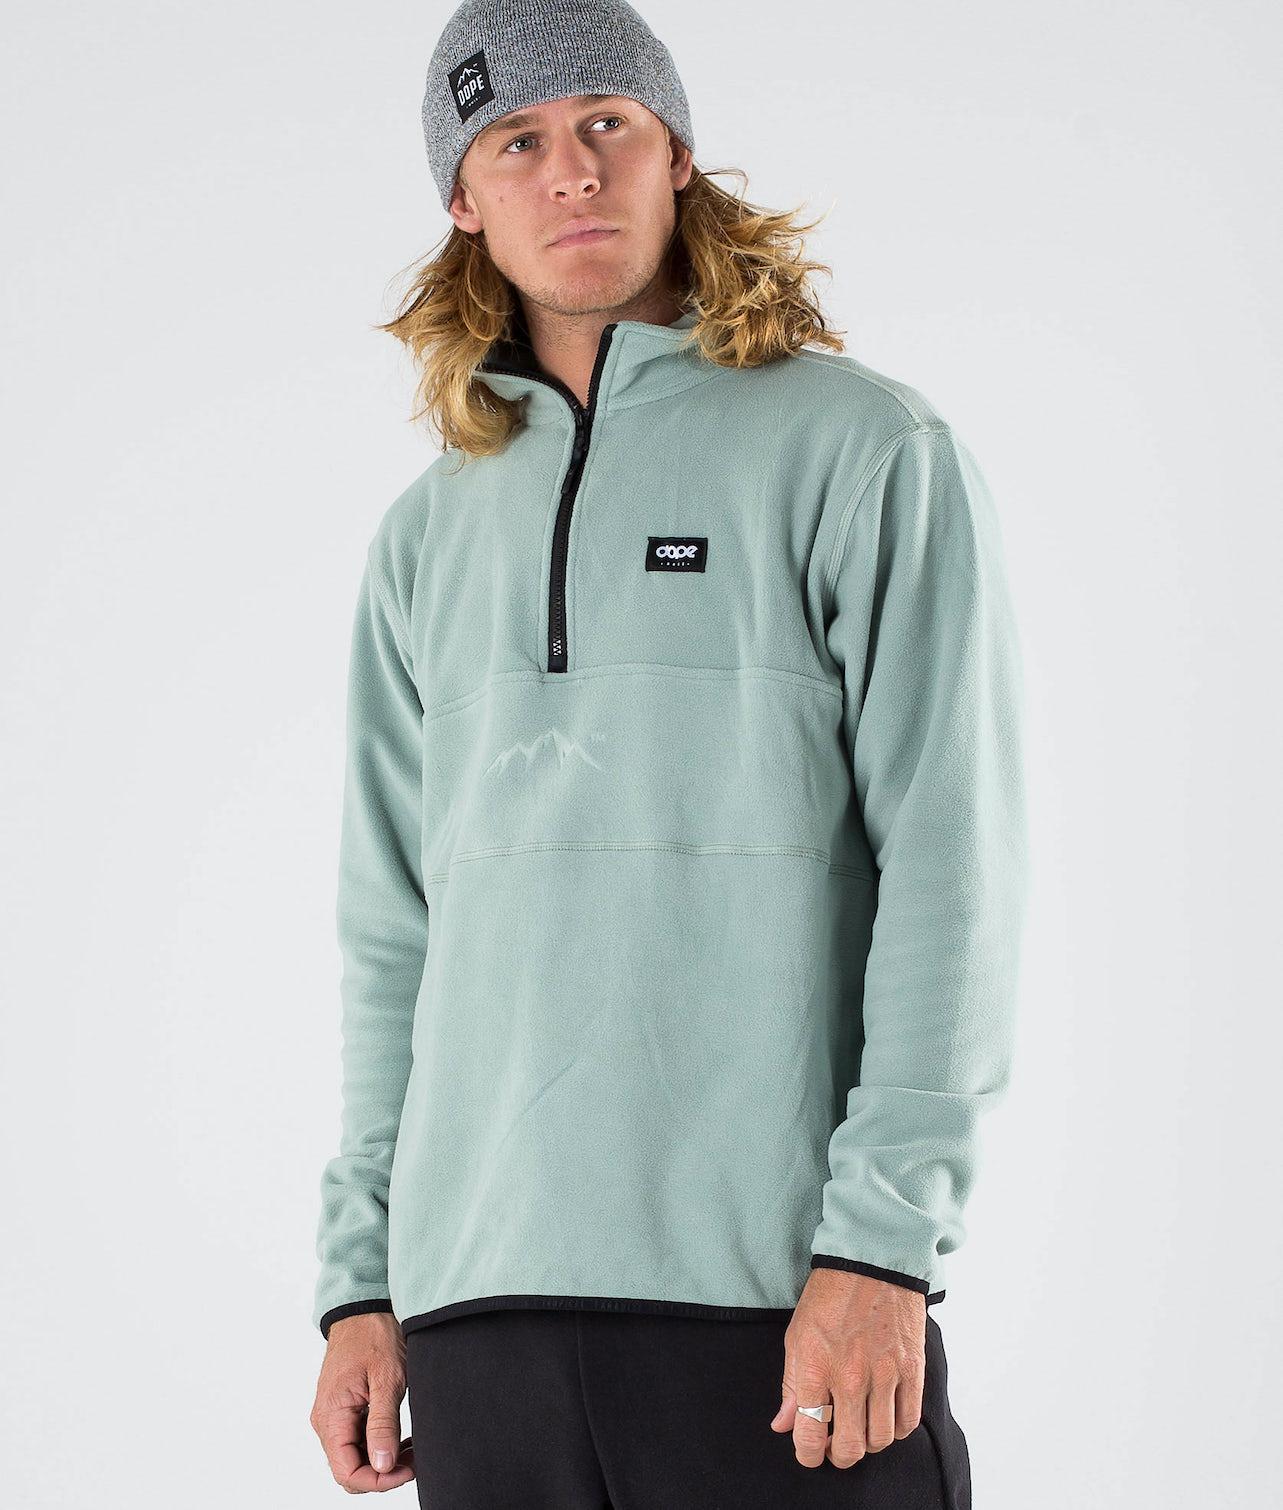 Kjøp Loyd Trøyer Snow fra Dope på Ridestore.no - Hos oss har du alltid fri frakt, fri retur og 30 dagers åpent kjøp!